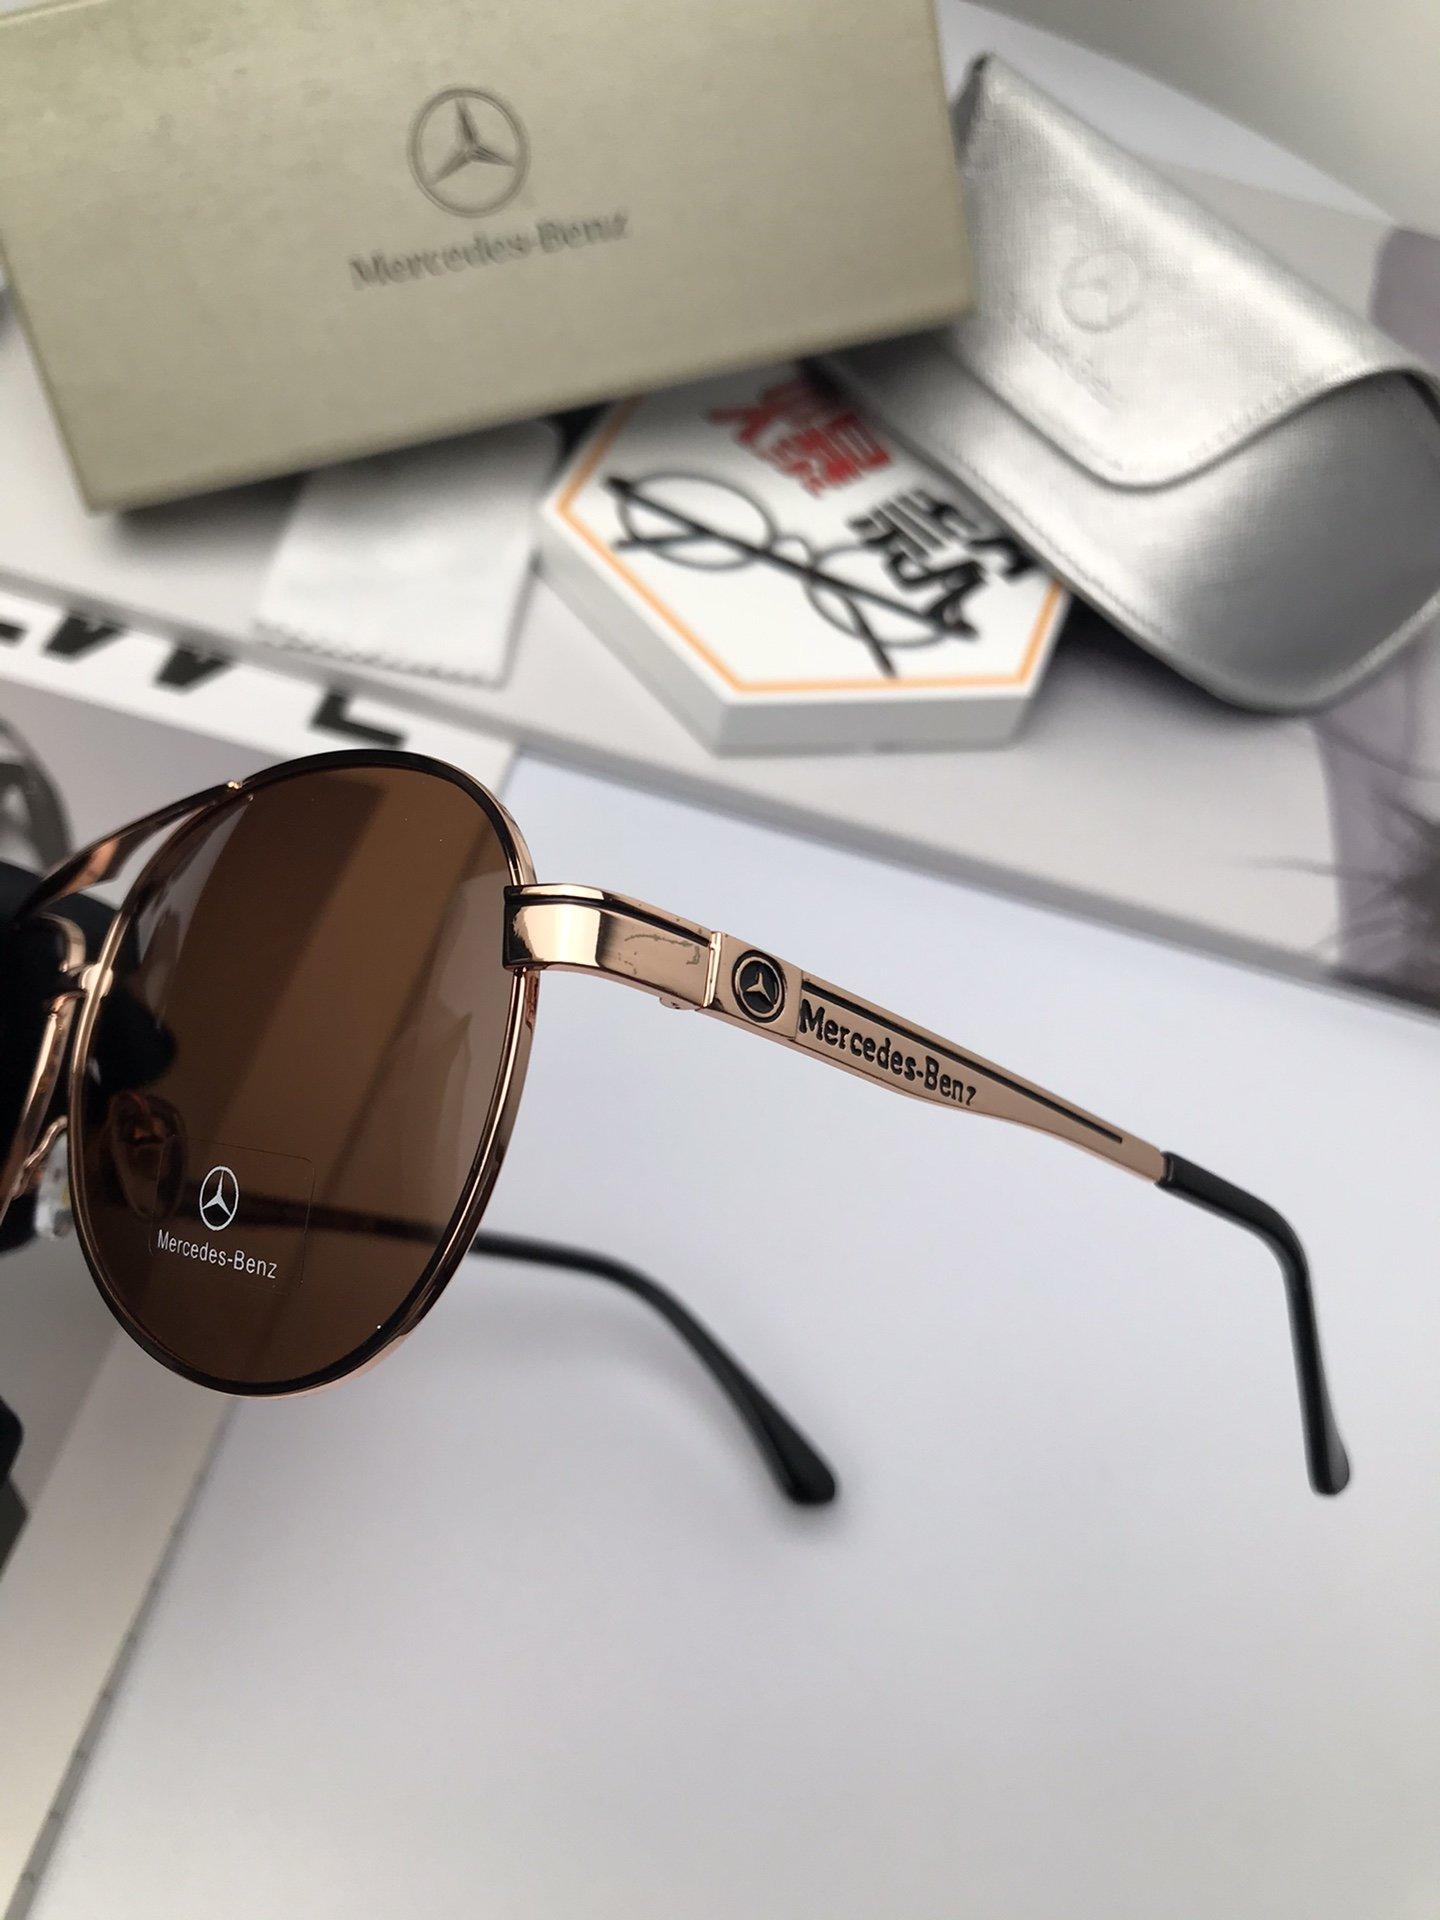 新款品牌奔驰高品质男士偏光太阳镜材质